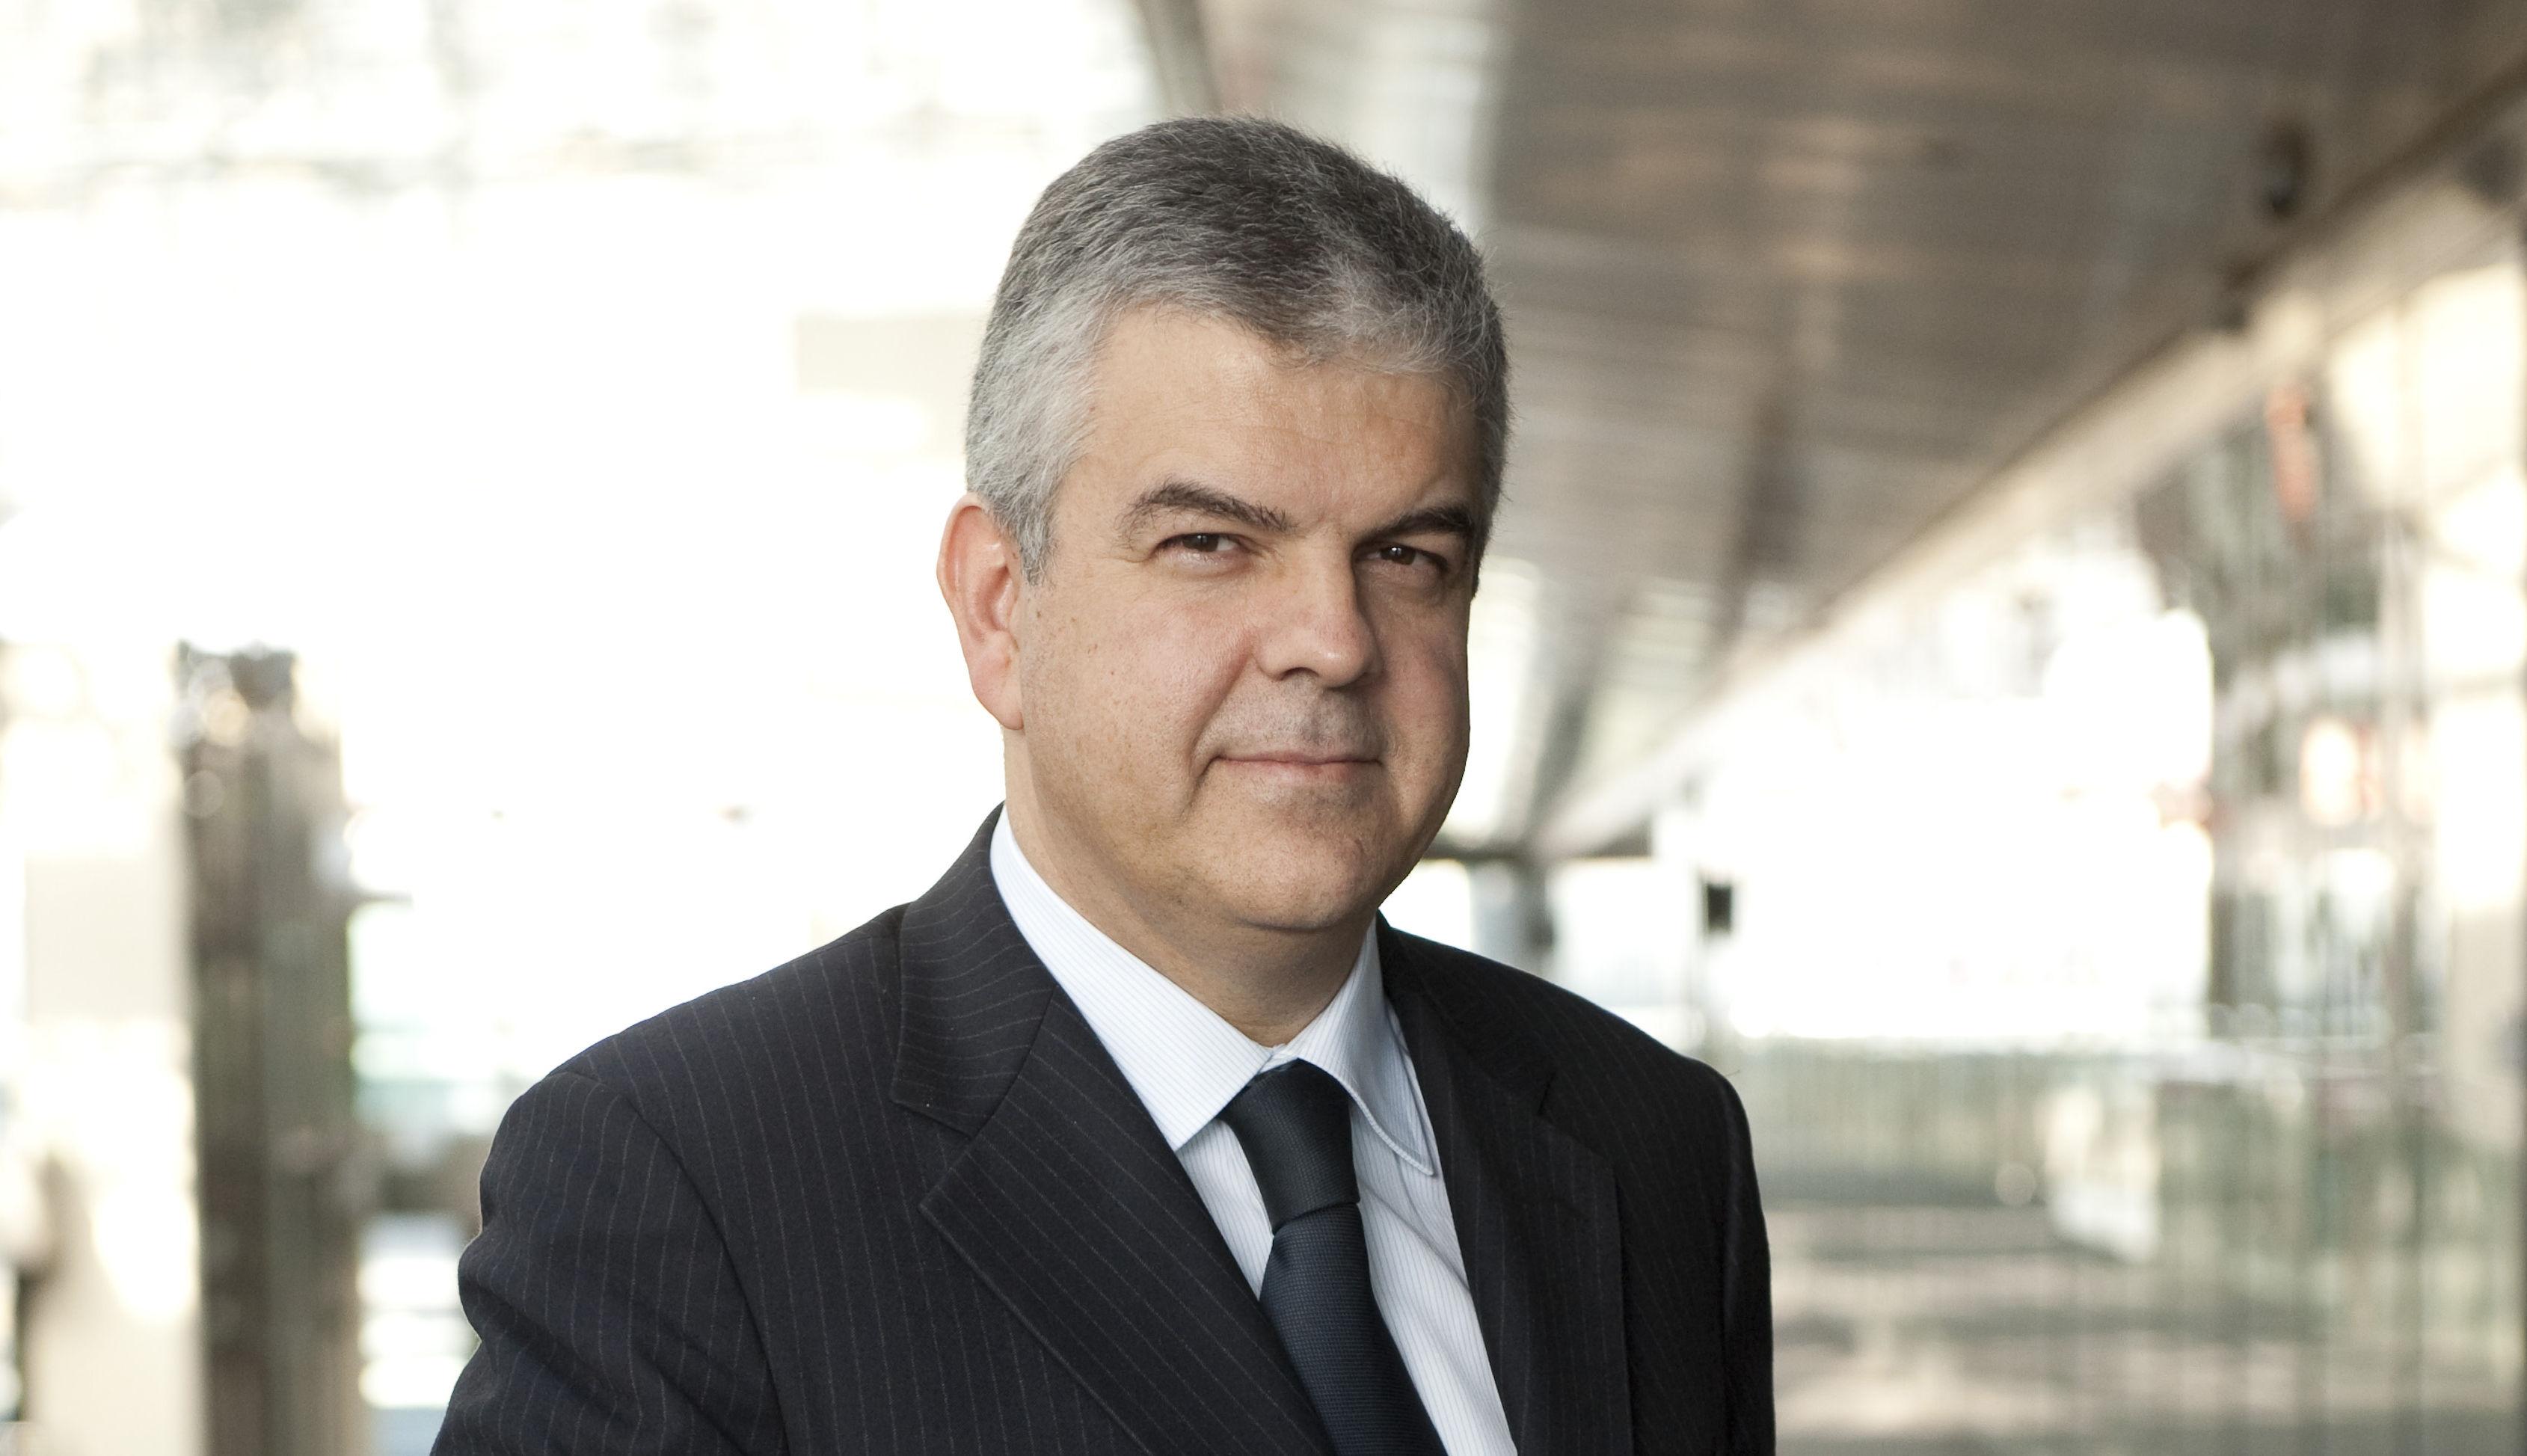 Luigi Ferraris